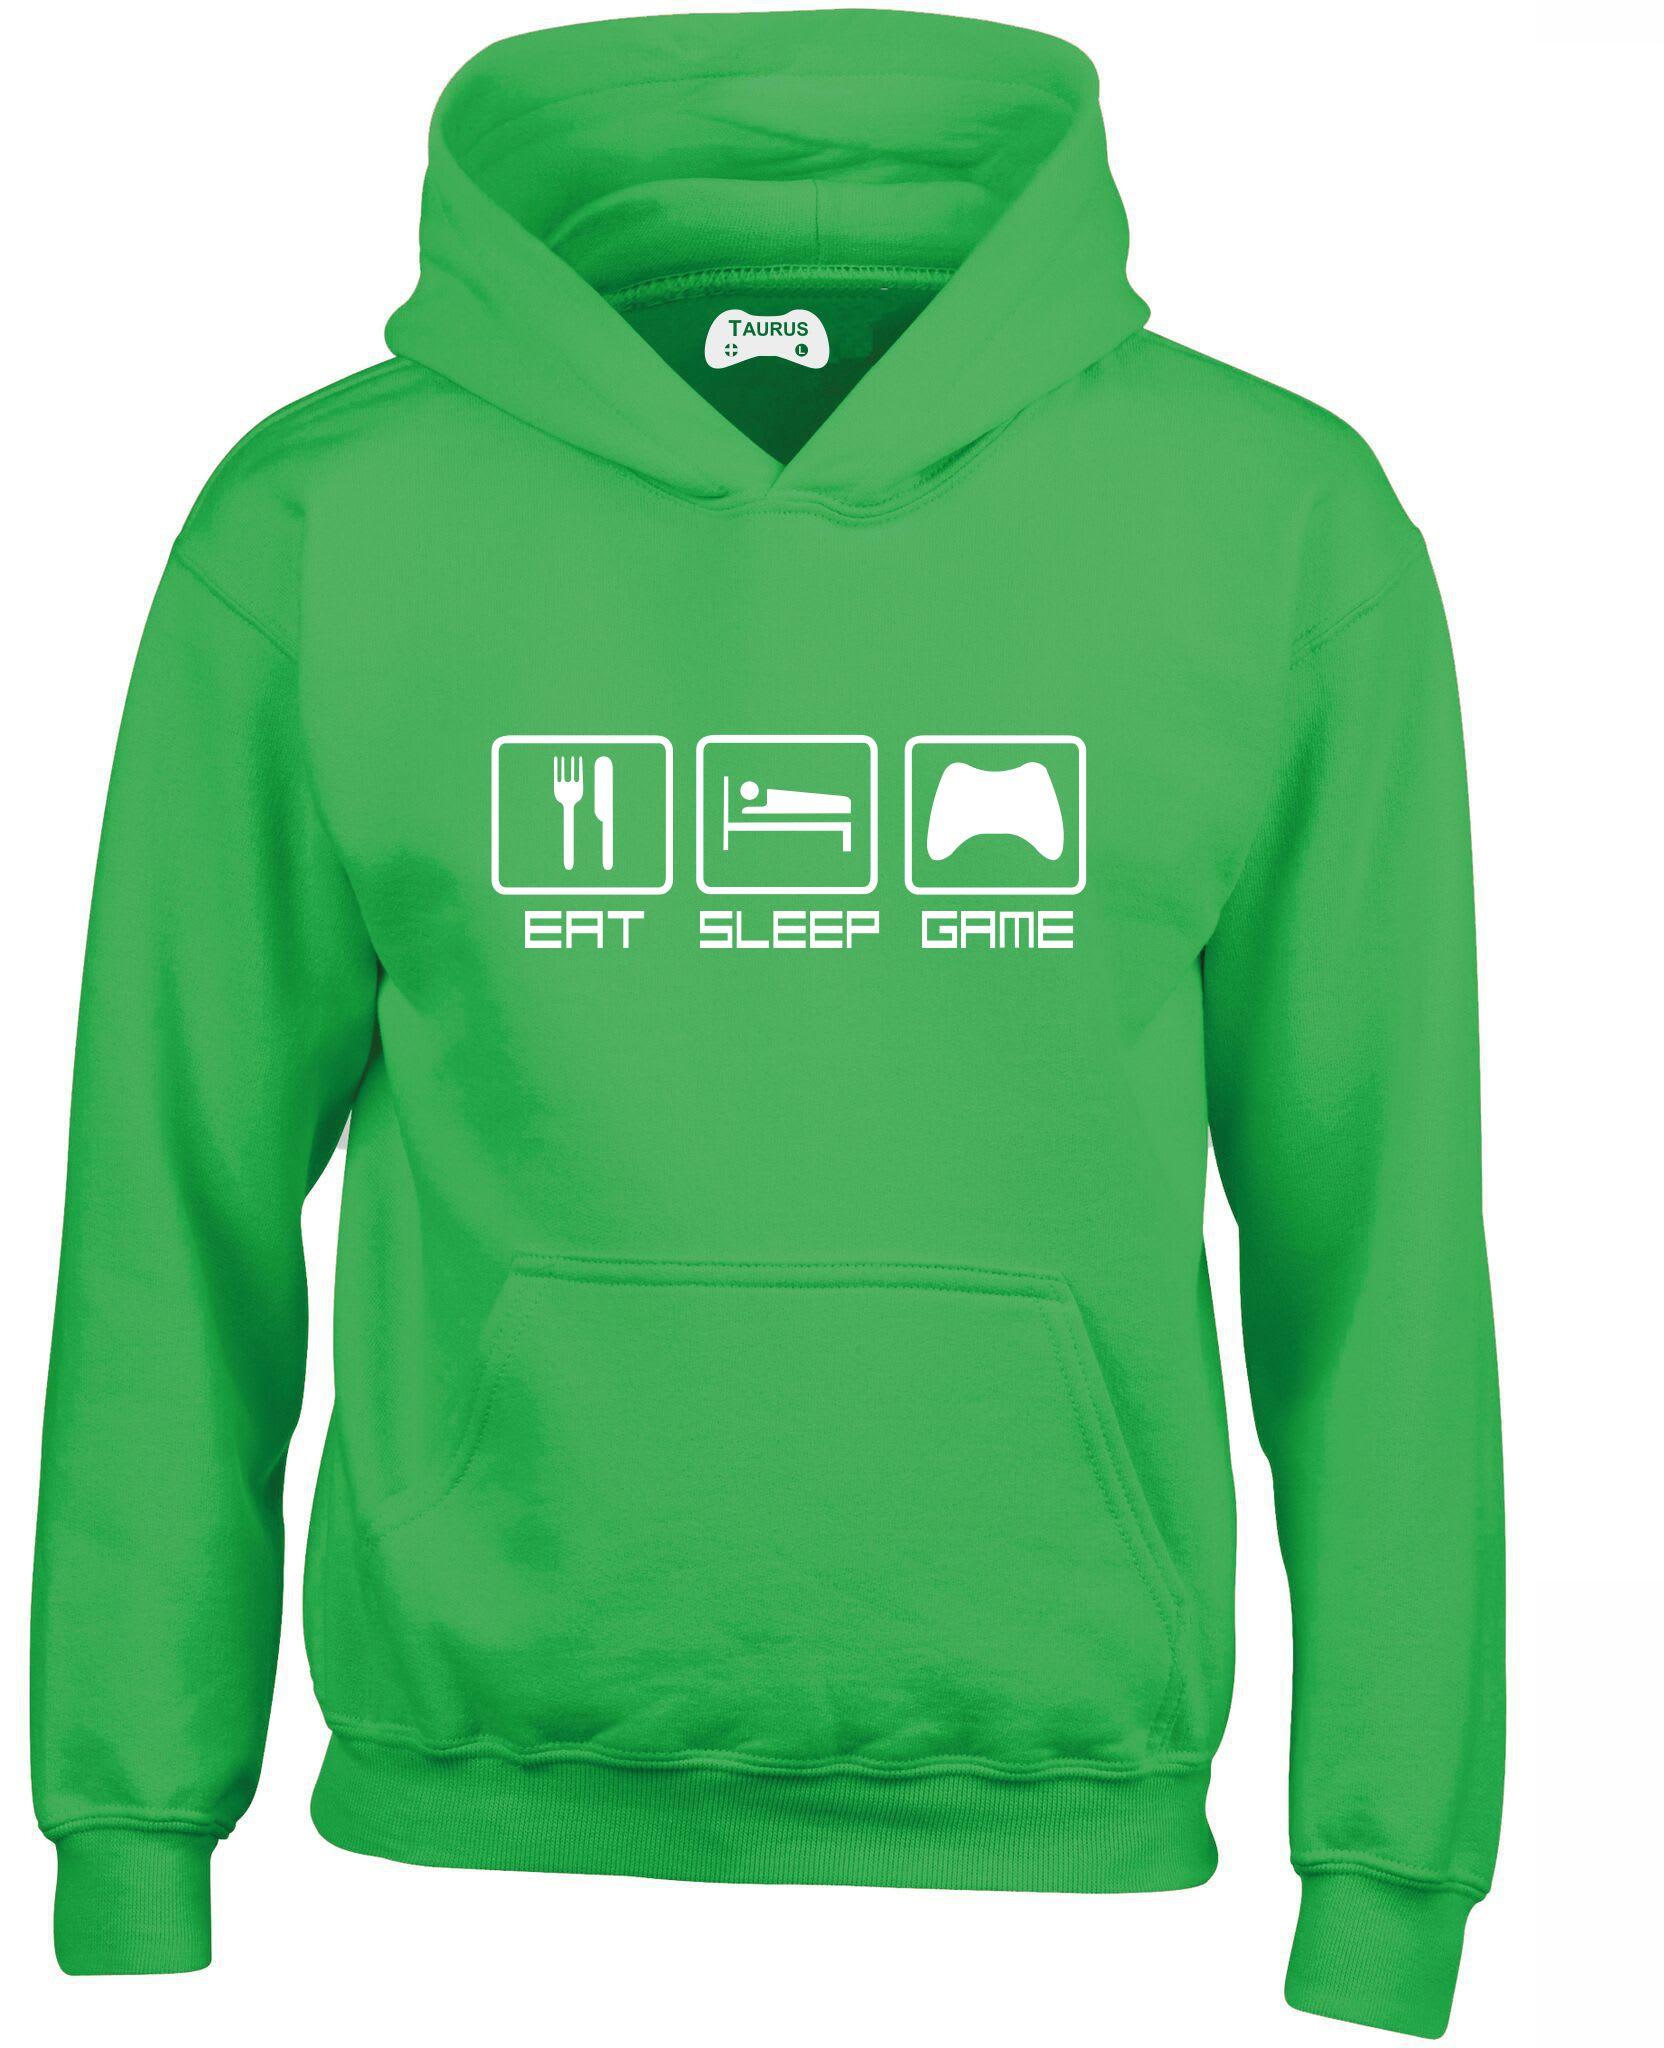 Eat Sleep Game Kids Hoodie